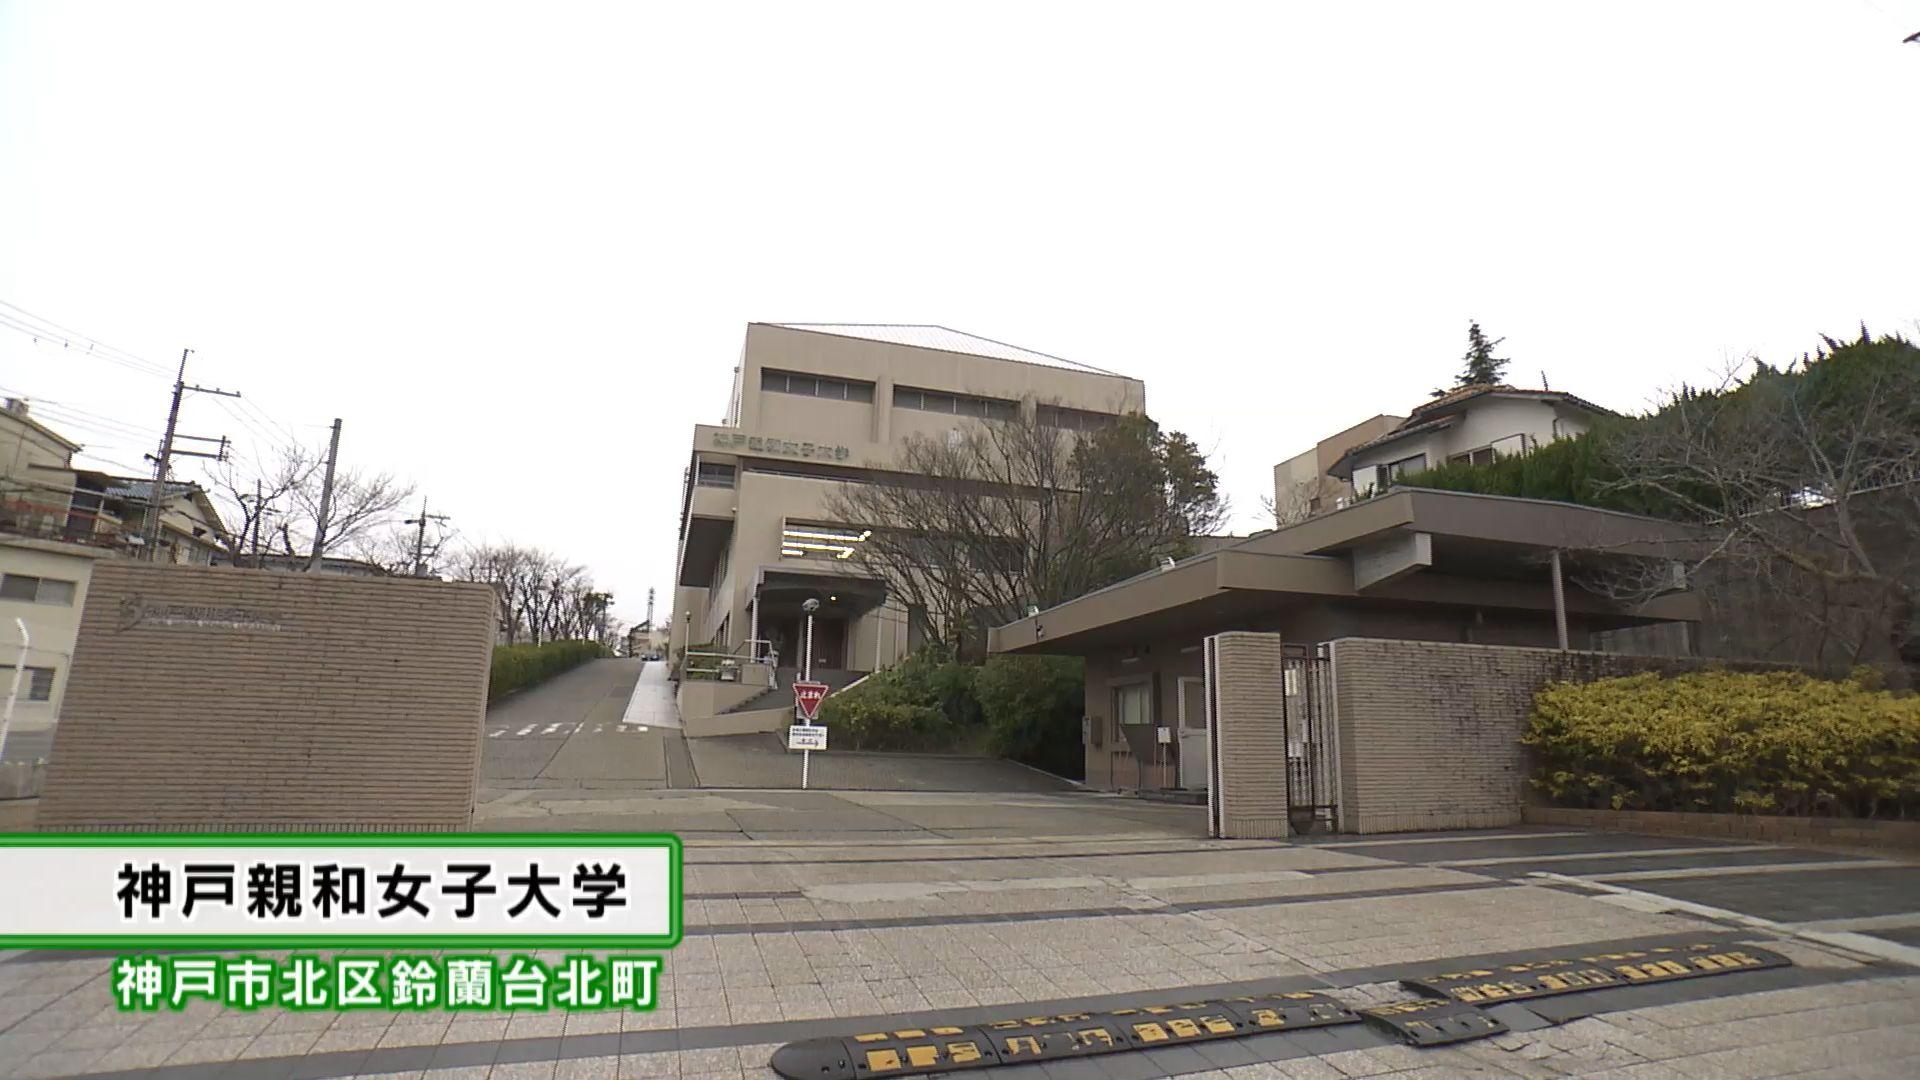 親和 大学 神戸 女子